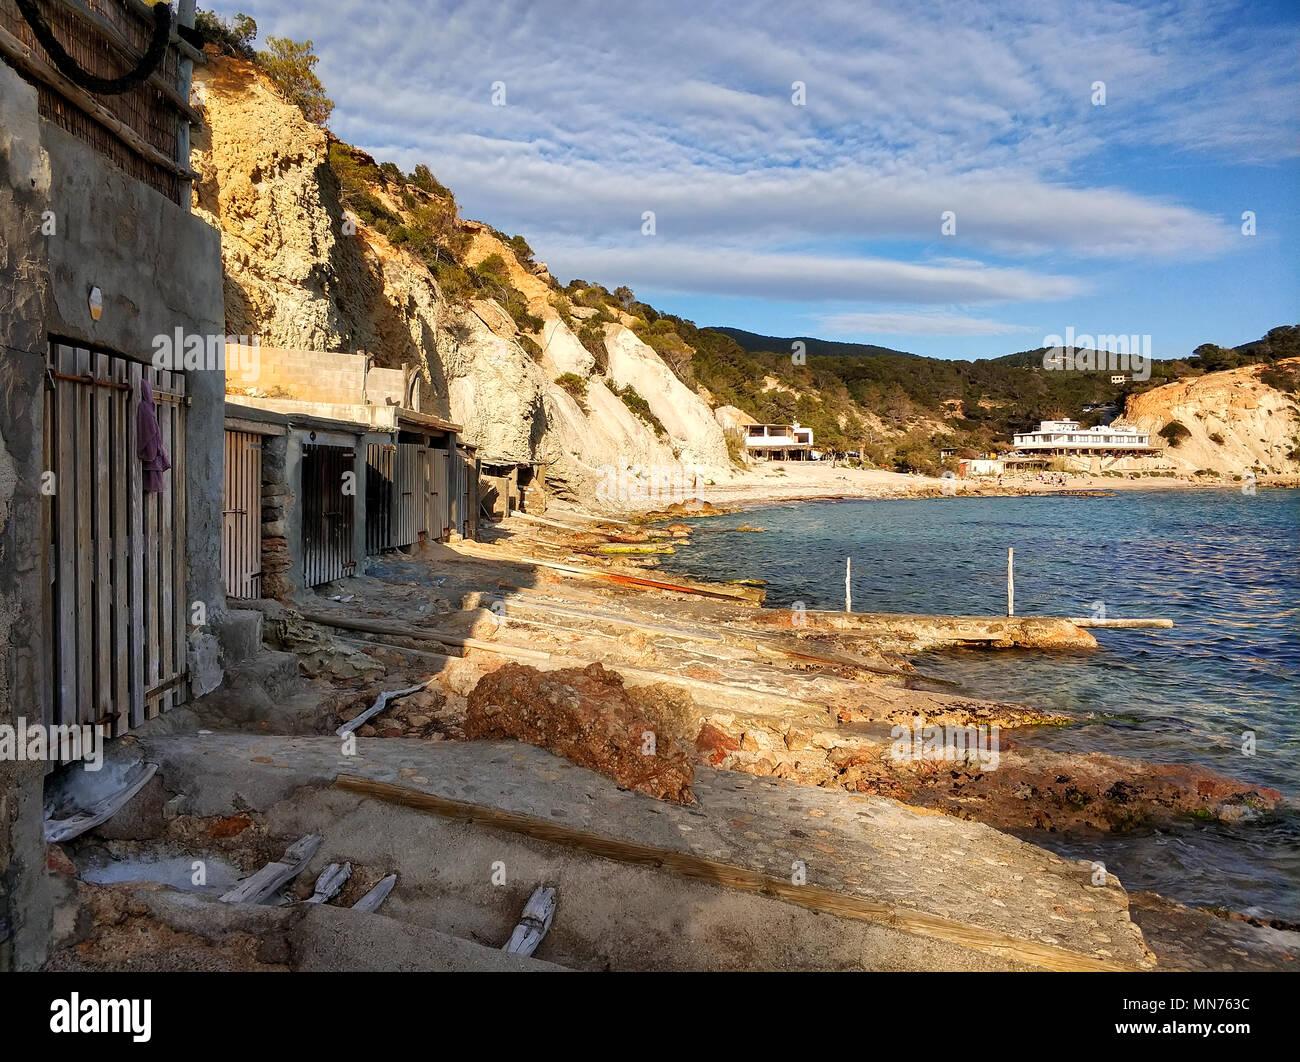 Cala d'Hort Playa Barca y garajes. La isla de Ibiza, Islas Baleares. España Foto de stock